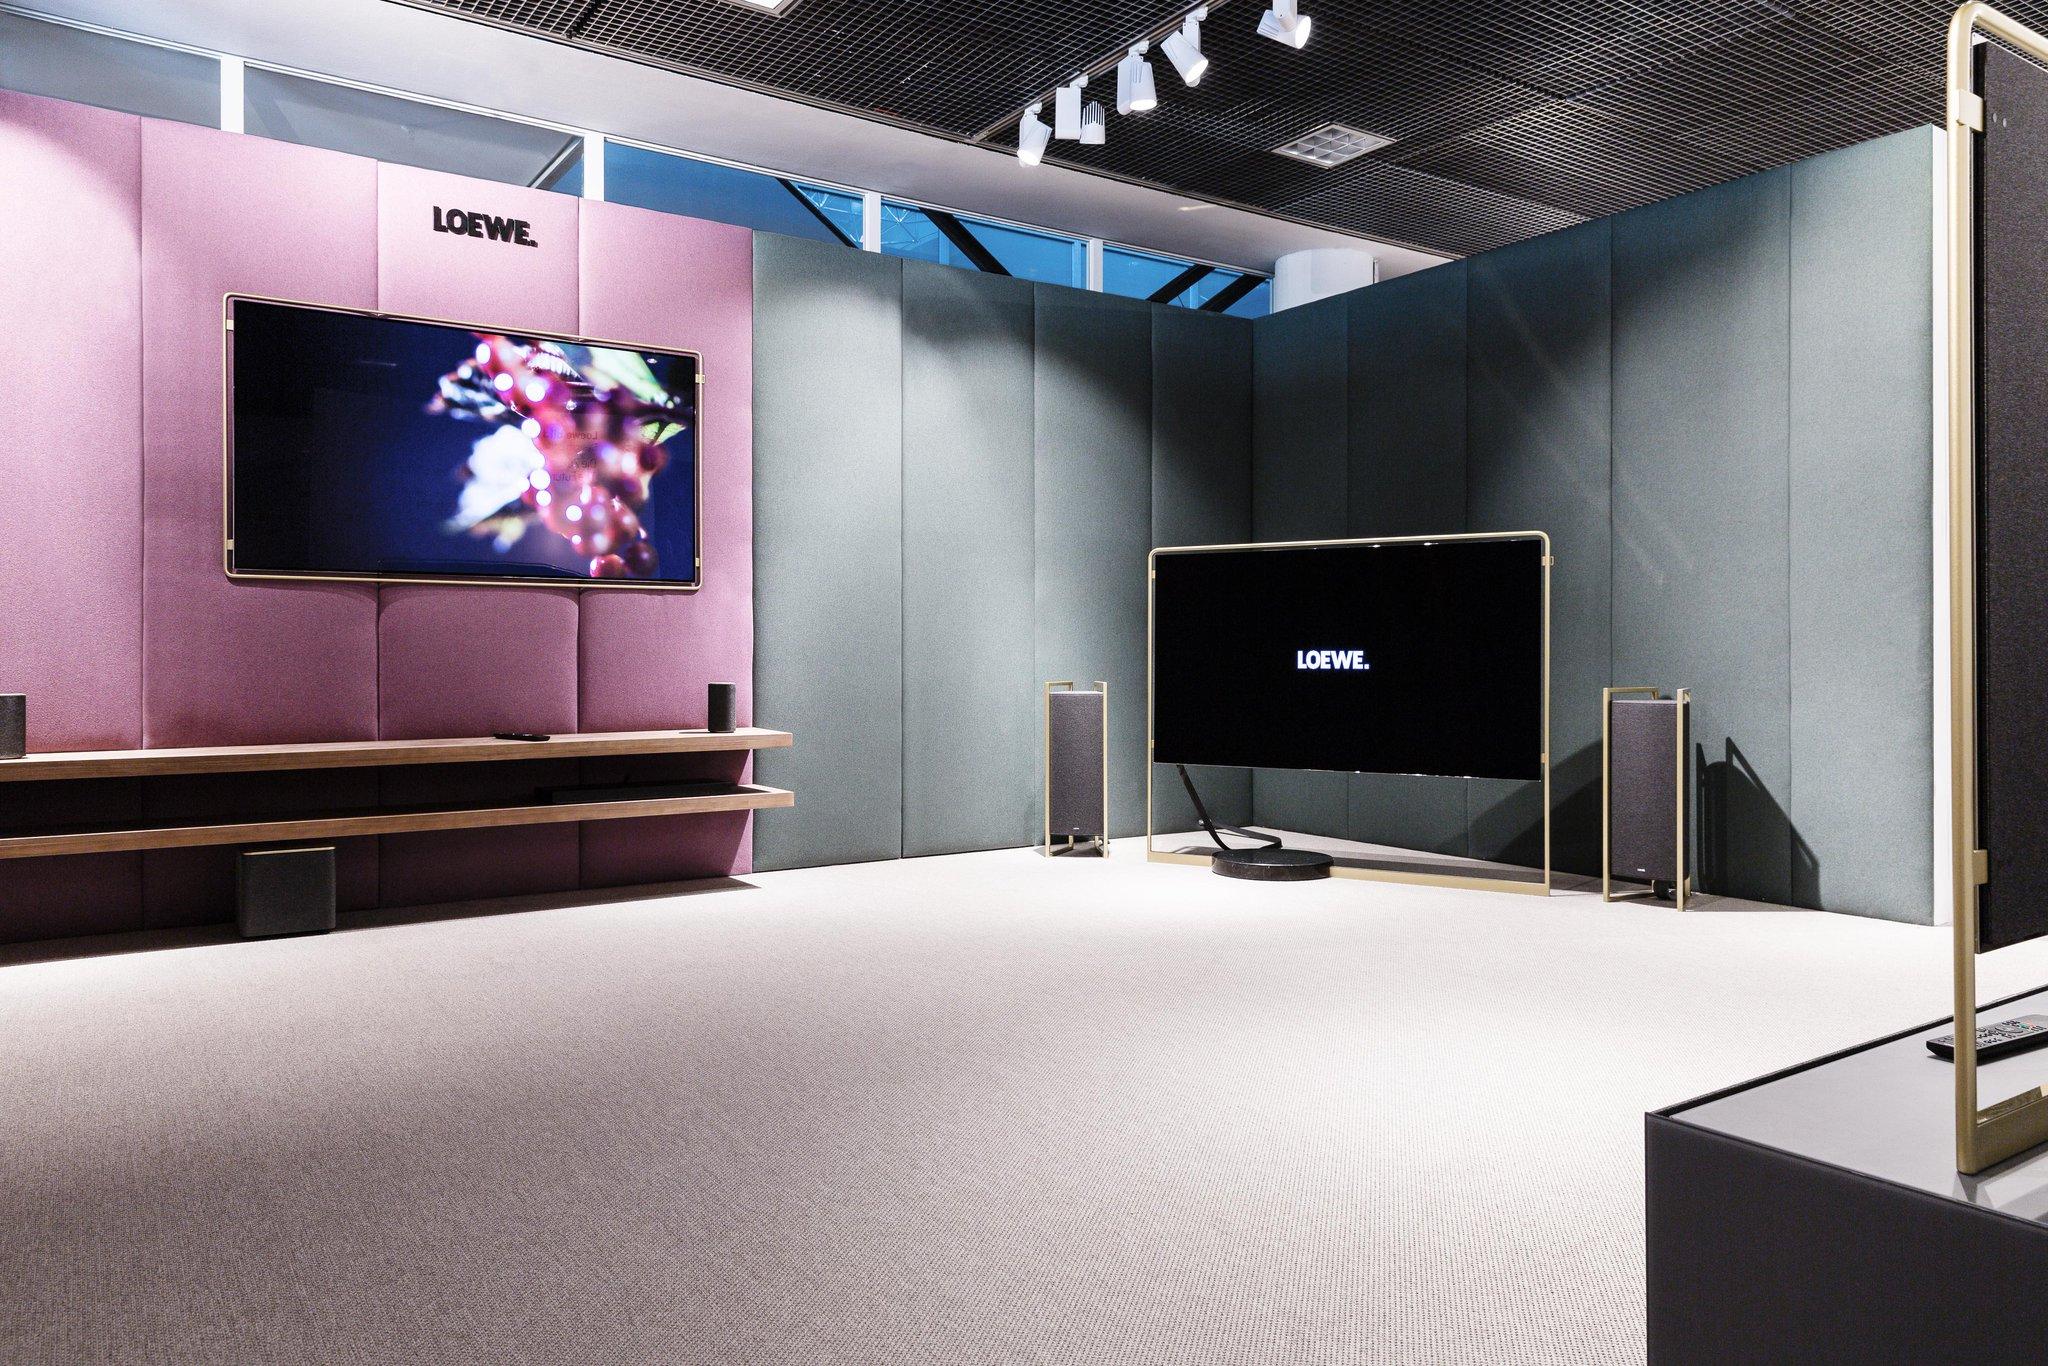 Tv Aan Muur : Lcd led tv lg mt dc cm muur tv steun te koop dehands be